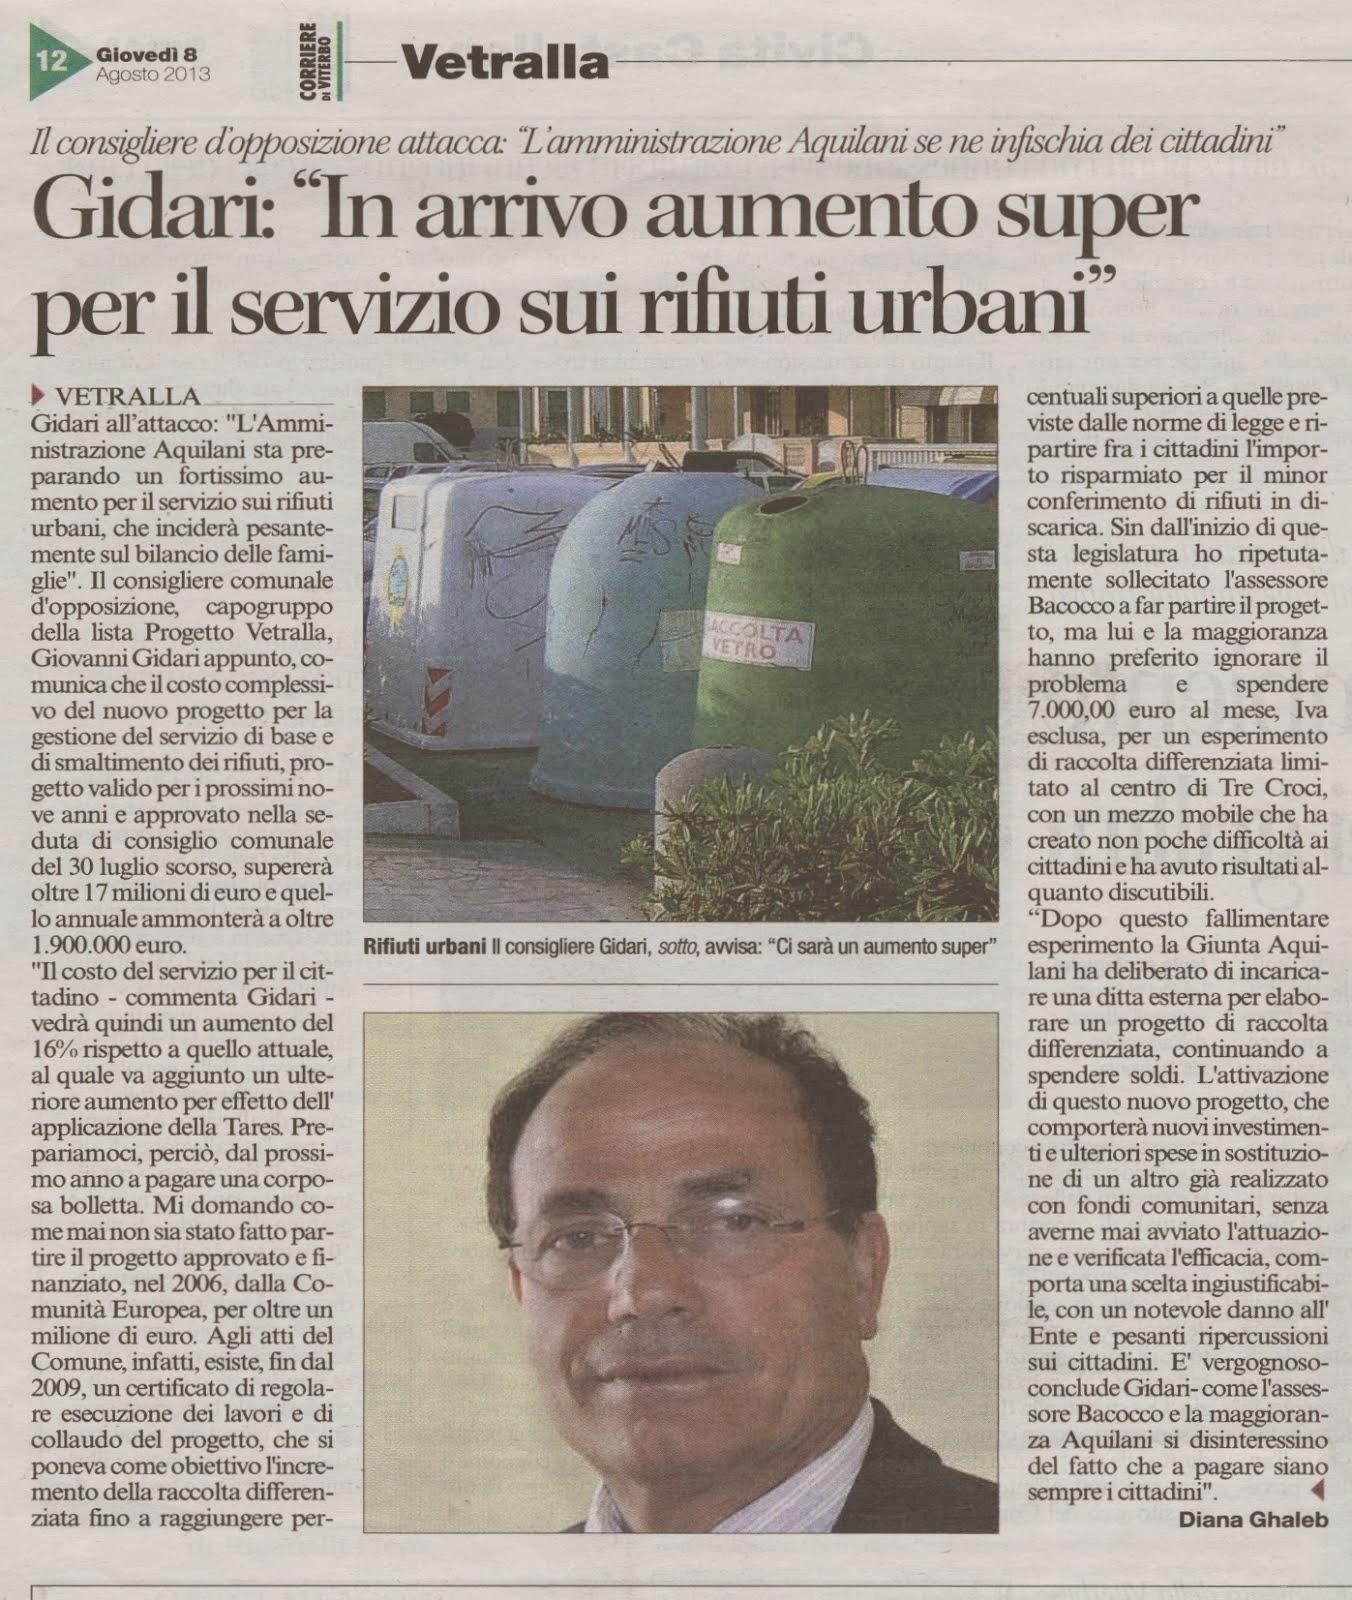 Vetralla: Gidari in arrivo aumenti super per il servizio di rifiuti urbani